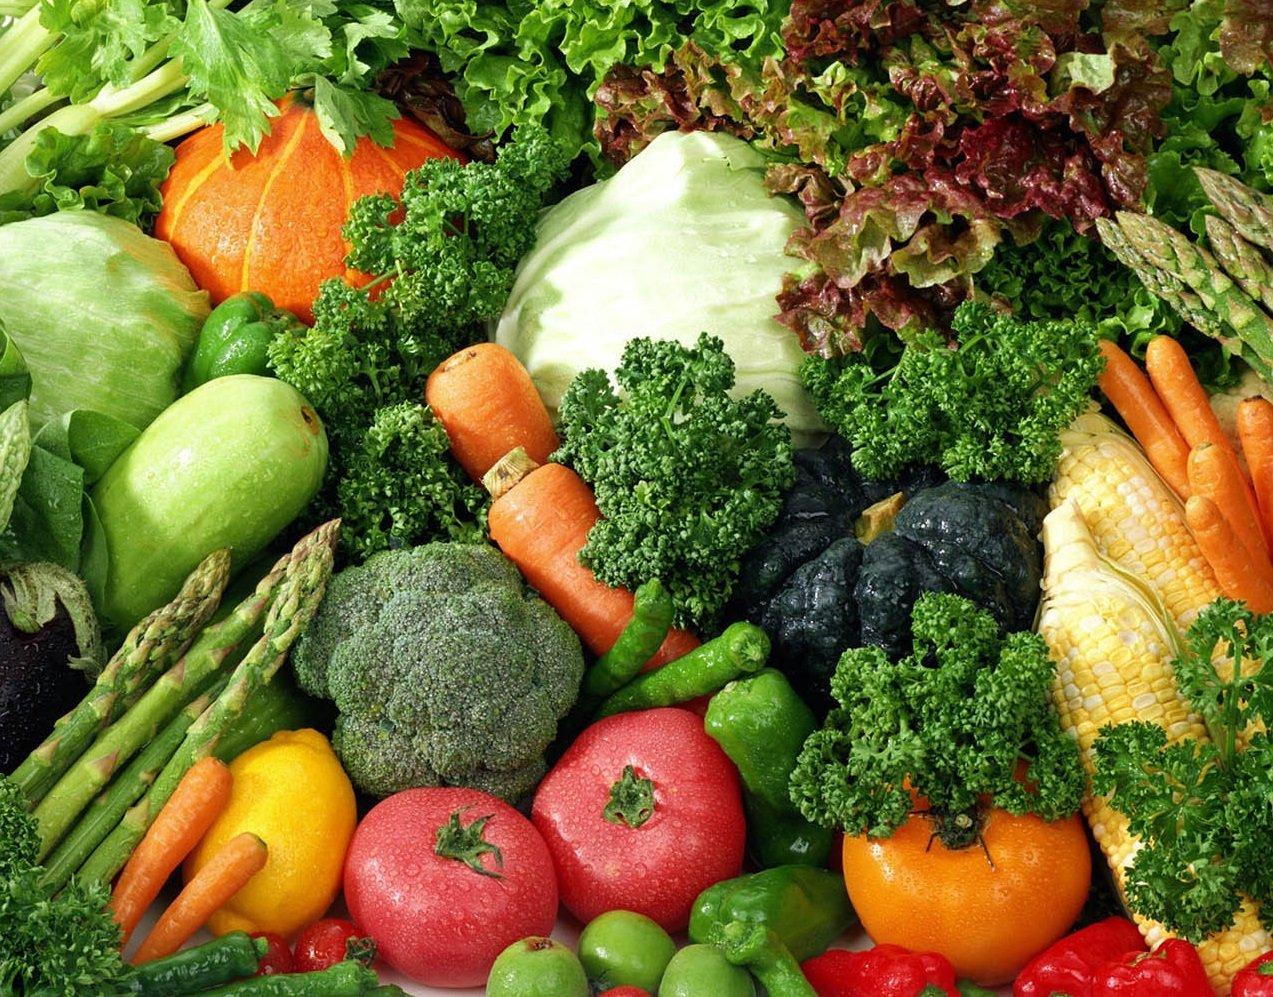 Меню для крепкого здоровья: медики назвали овощи, которые защитят от всех болезней и продлят жизнь